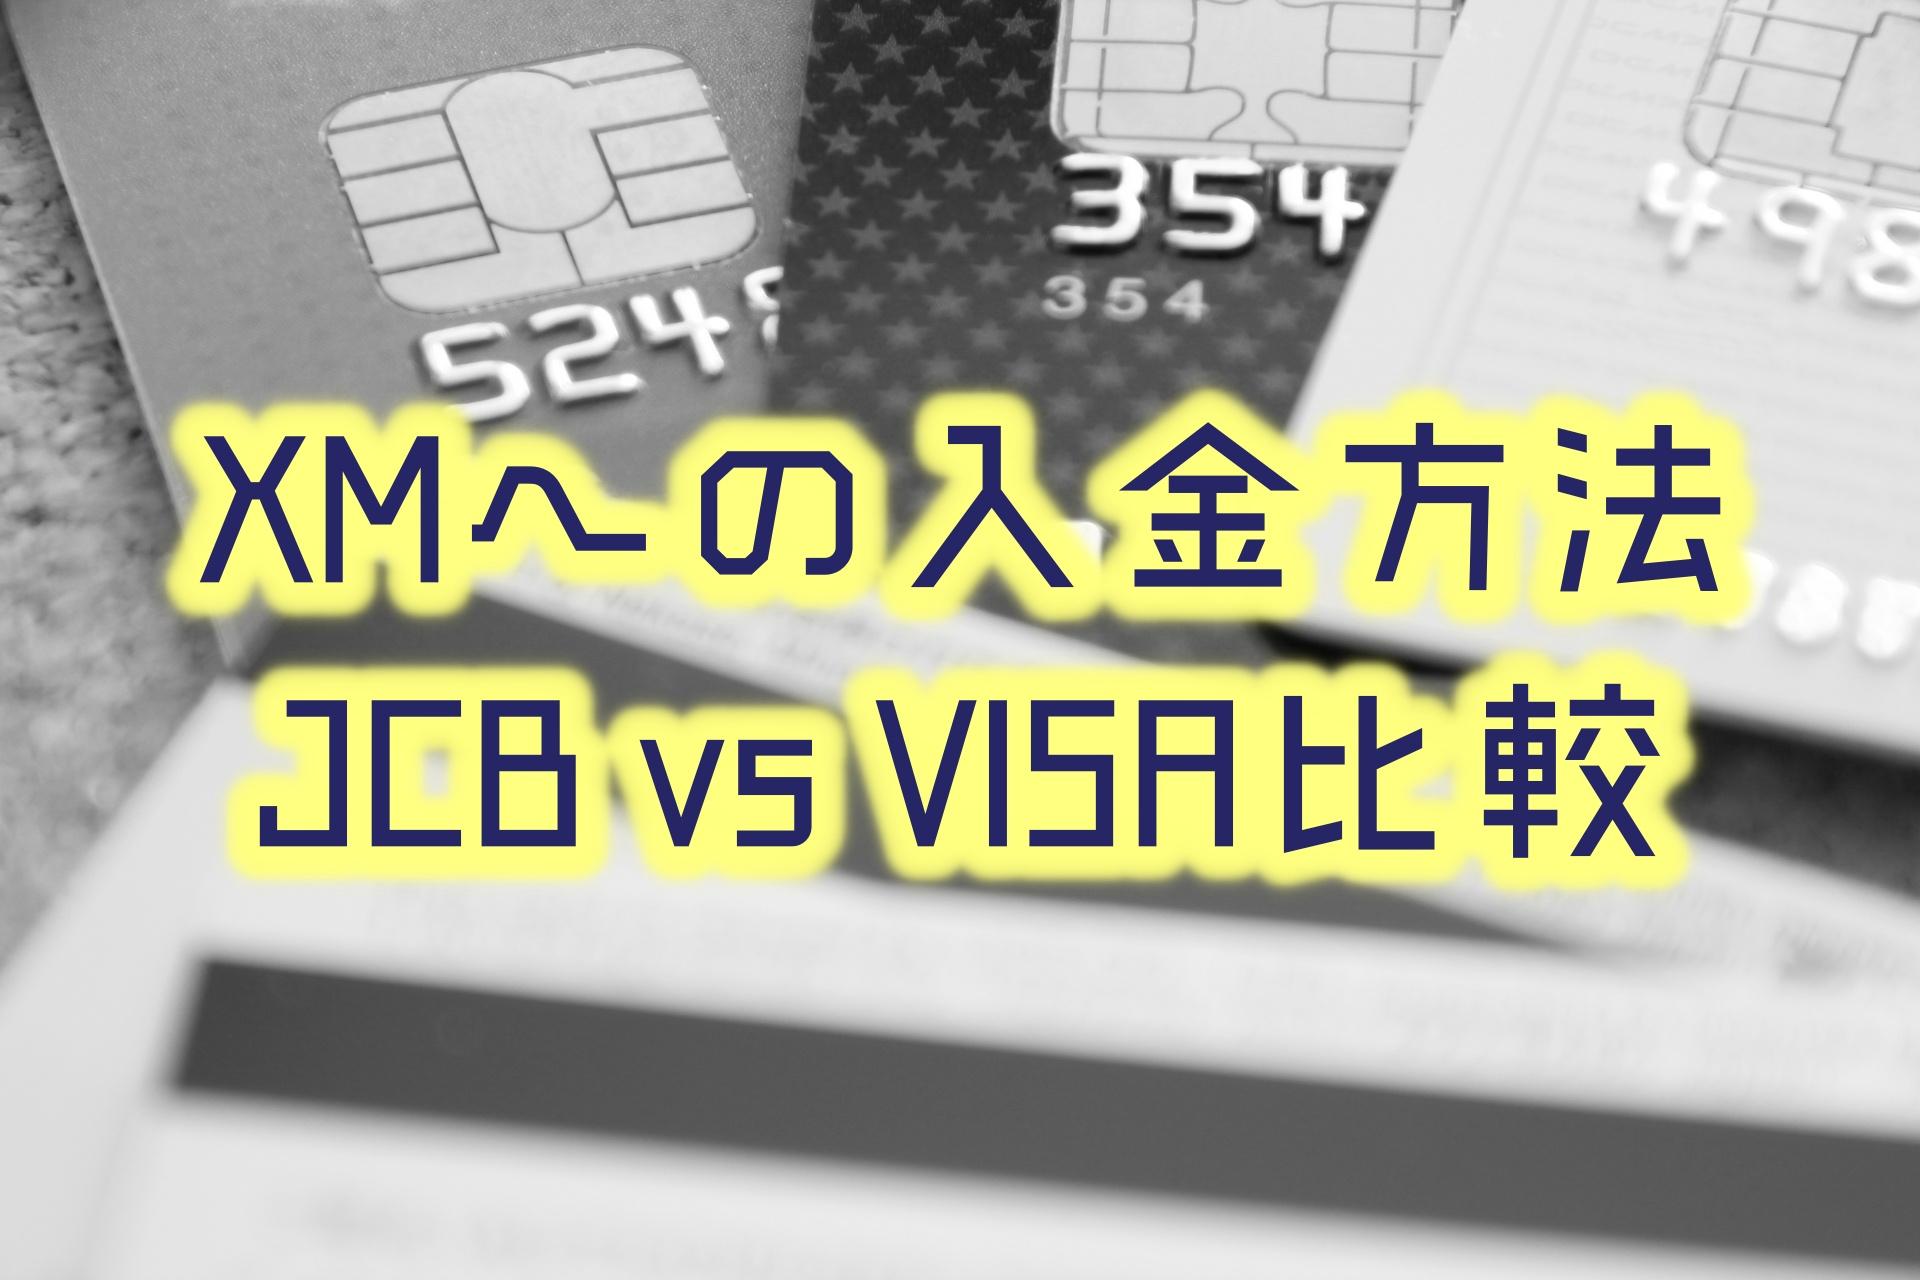 XM入金 クレジットカードはJCBとVISAのどちらが良い